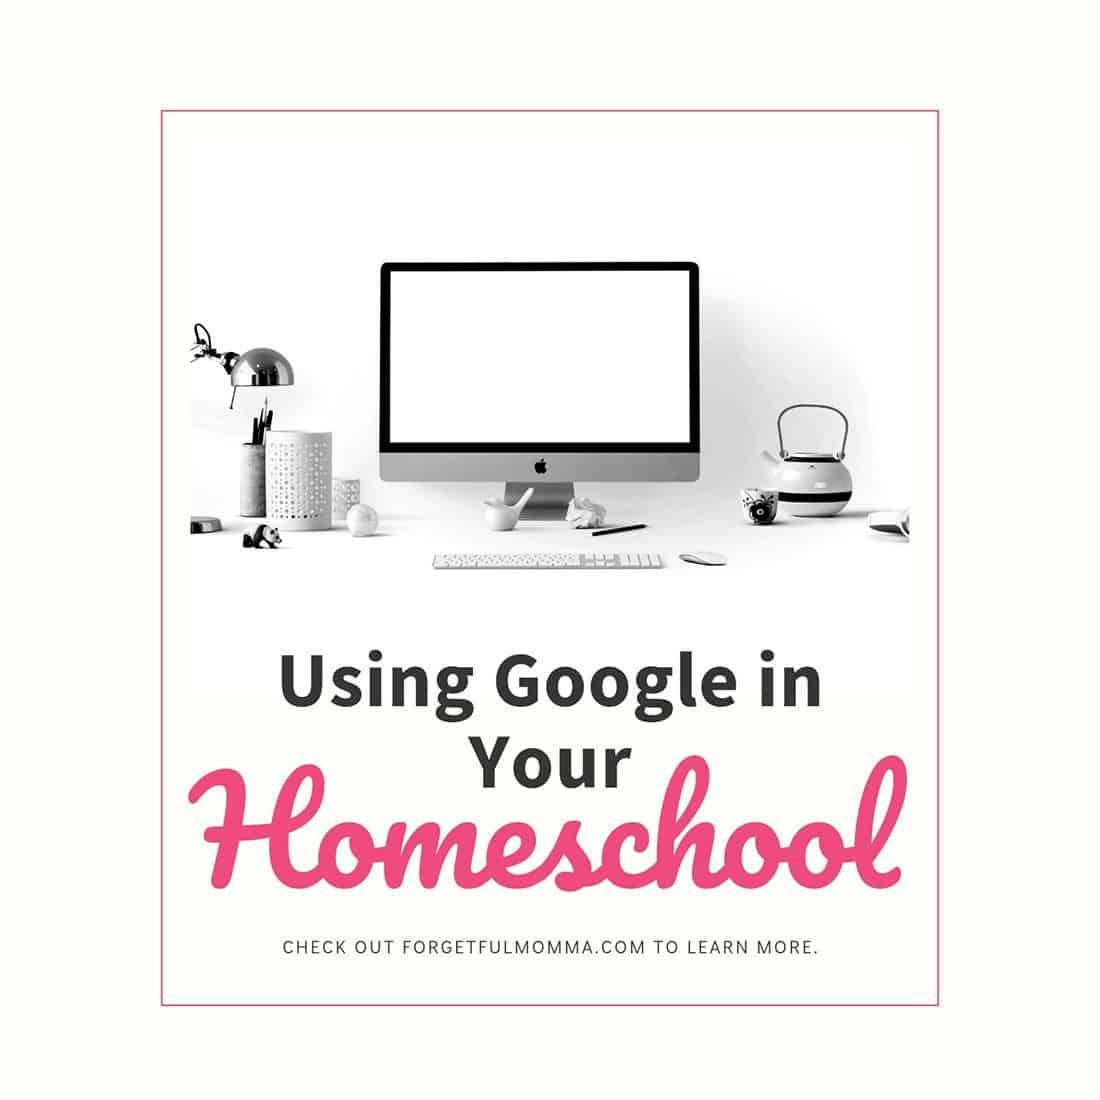 Using Google in Your homeschool